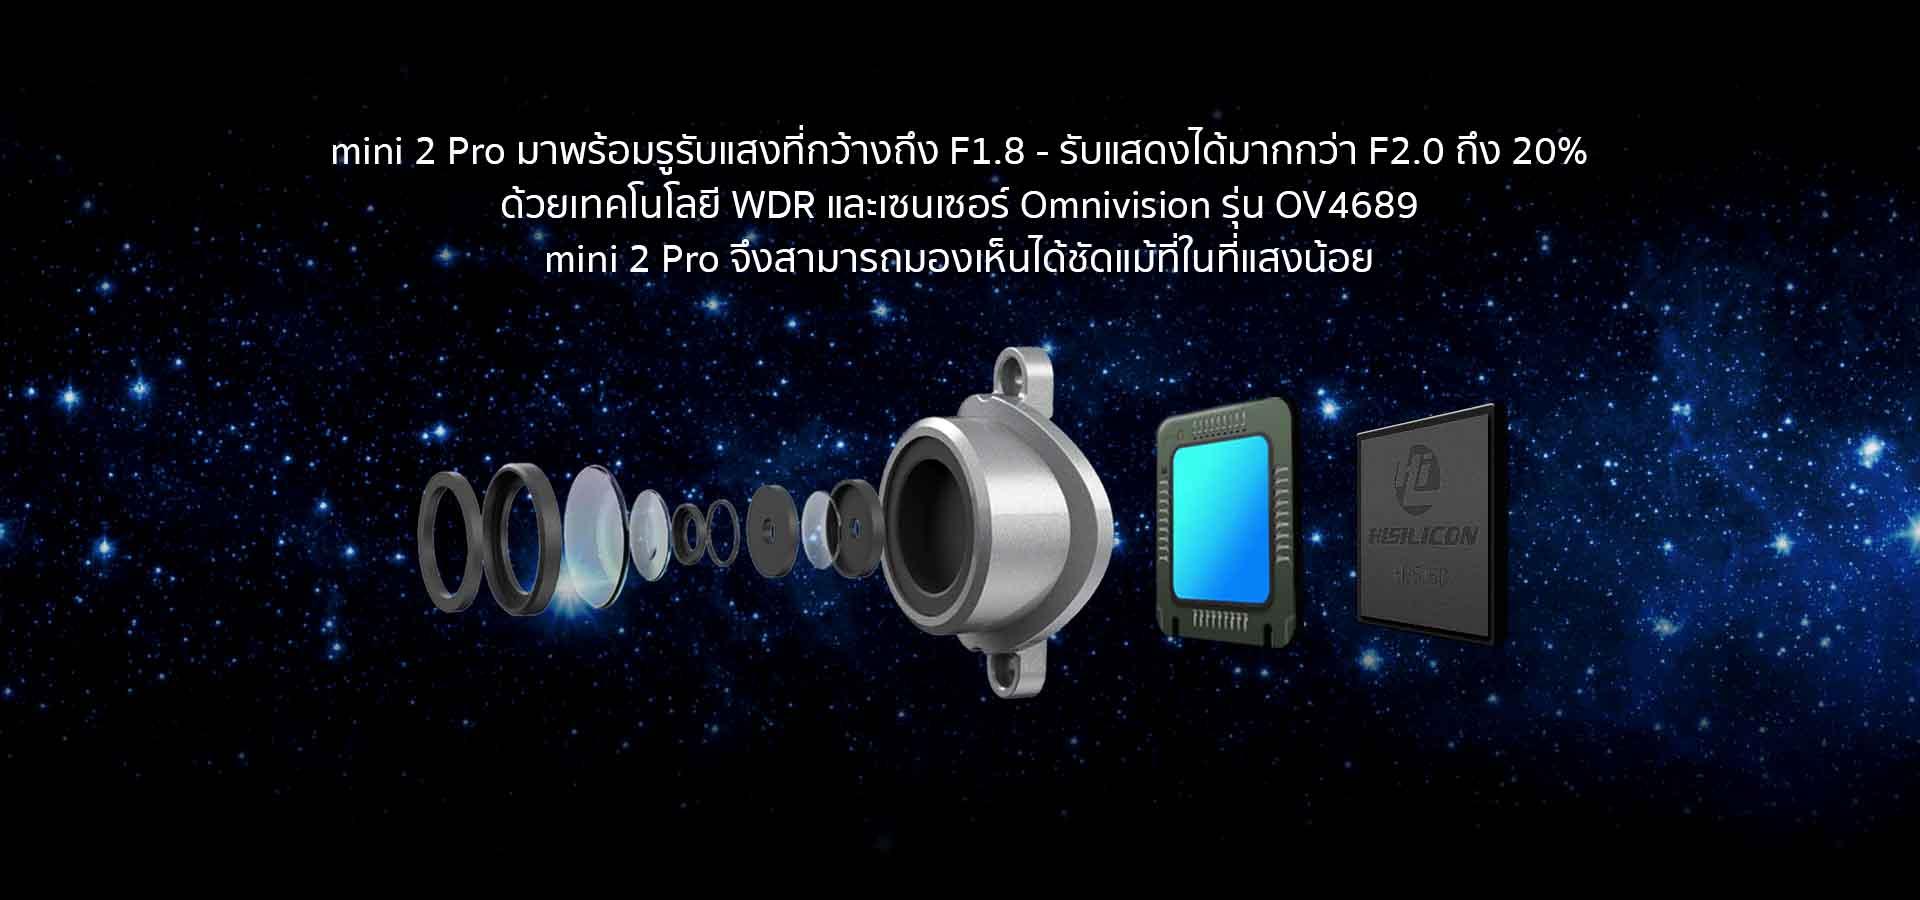 กล้องติดรถยนต์ DP Mini 2 Pro 4